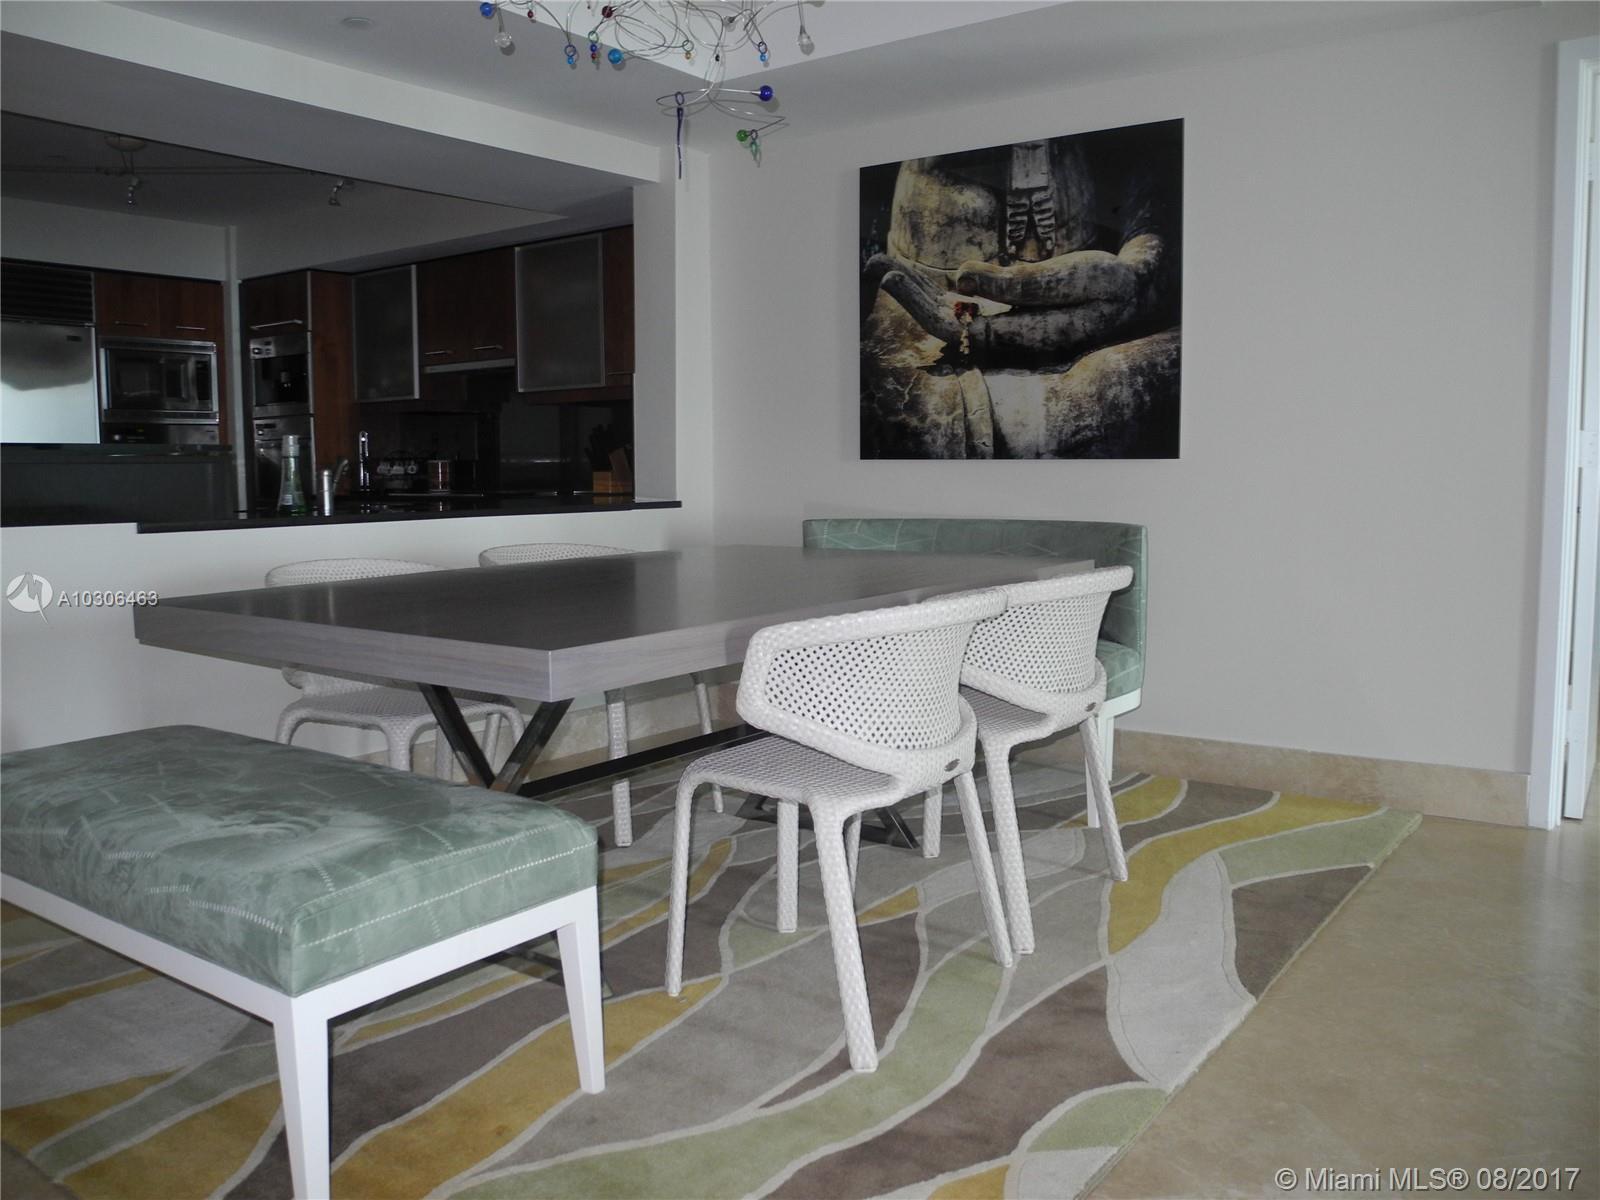 Аренда квартиры по адресу 1331 Brickell Bay Dr, Miami, FL 33131 в США